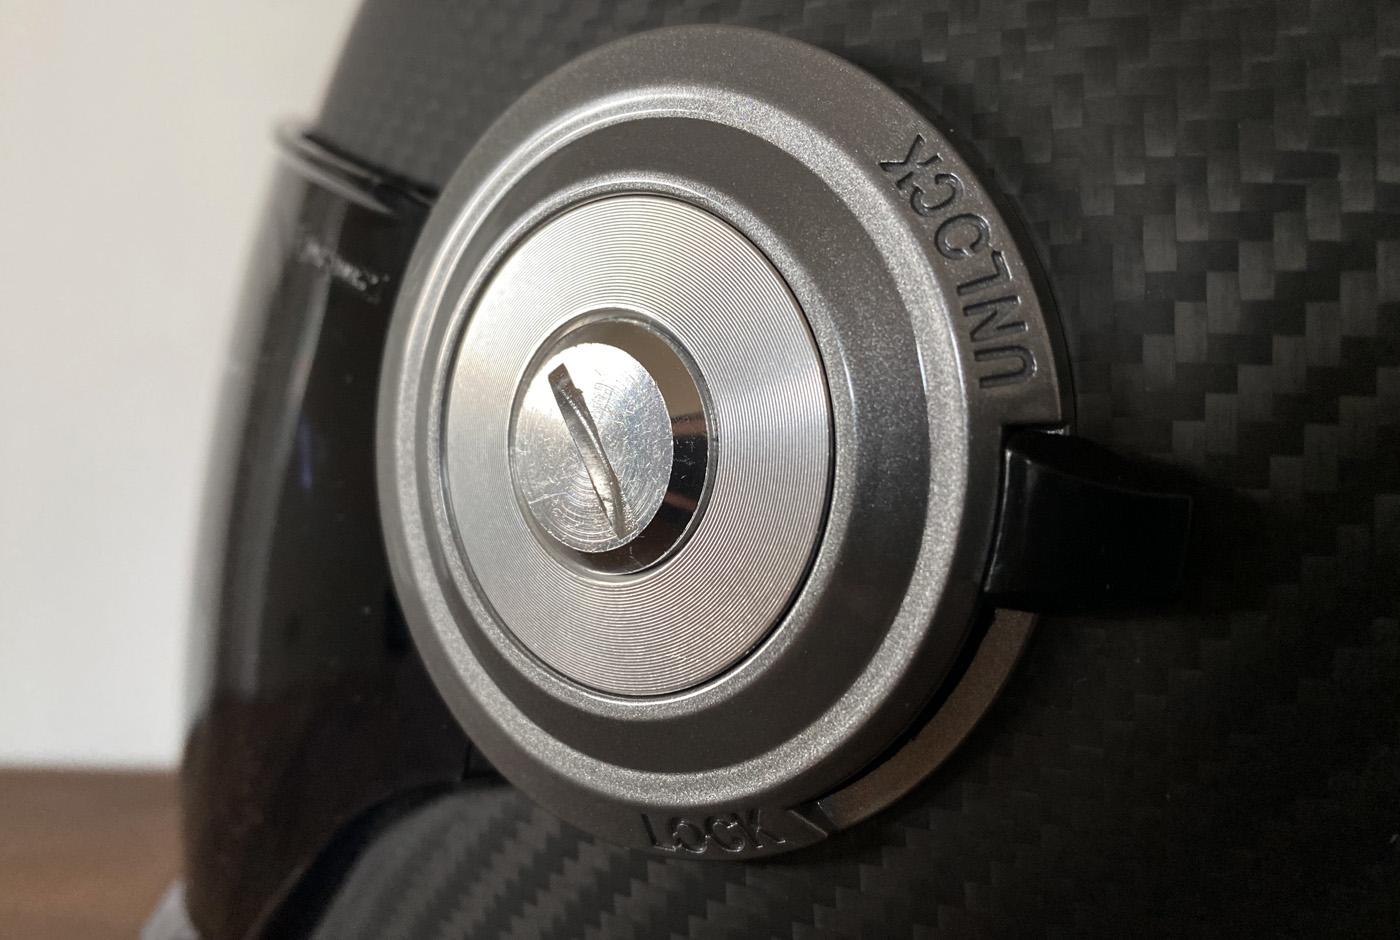 manette lock pour verrouiller la visière du casque dexter